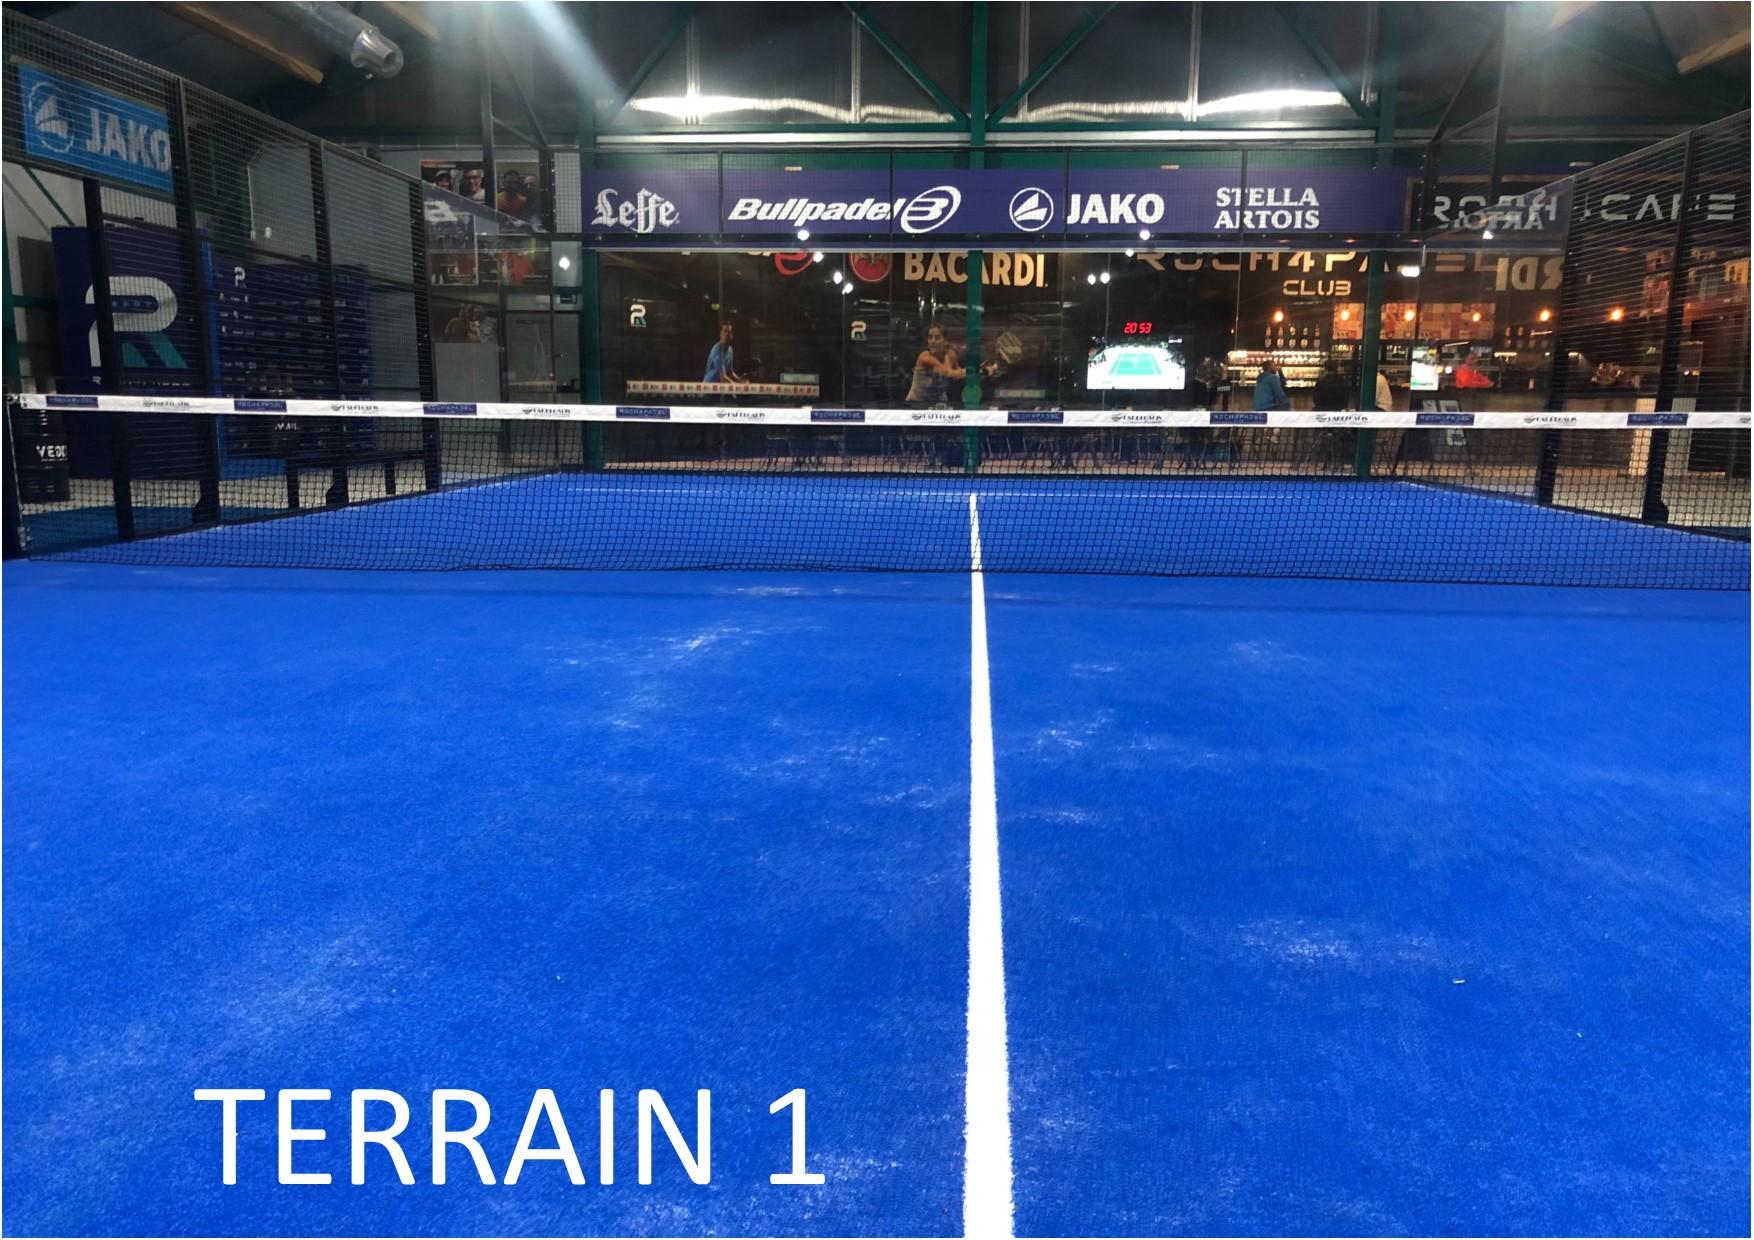 Terrain 3